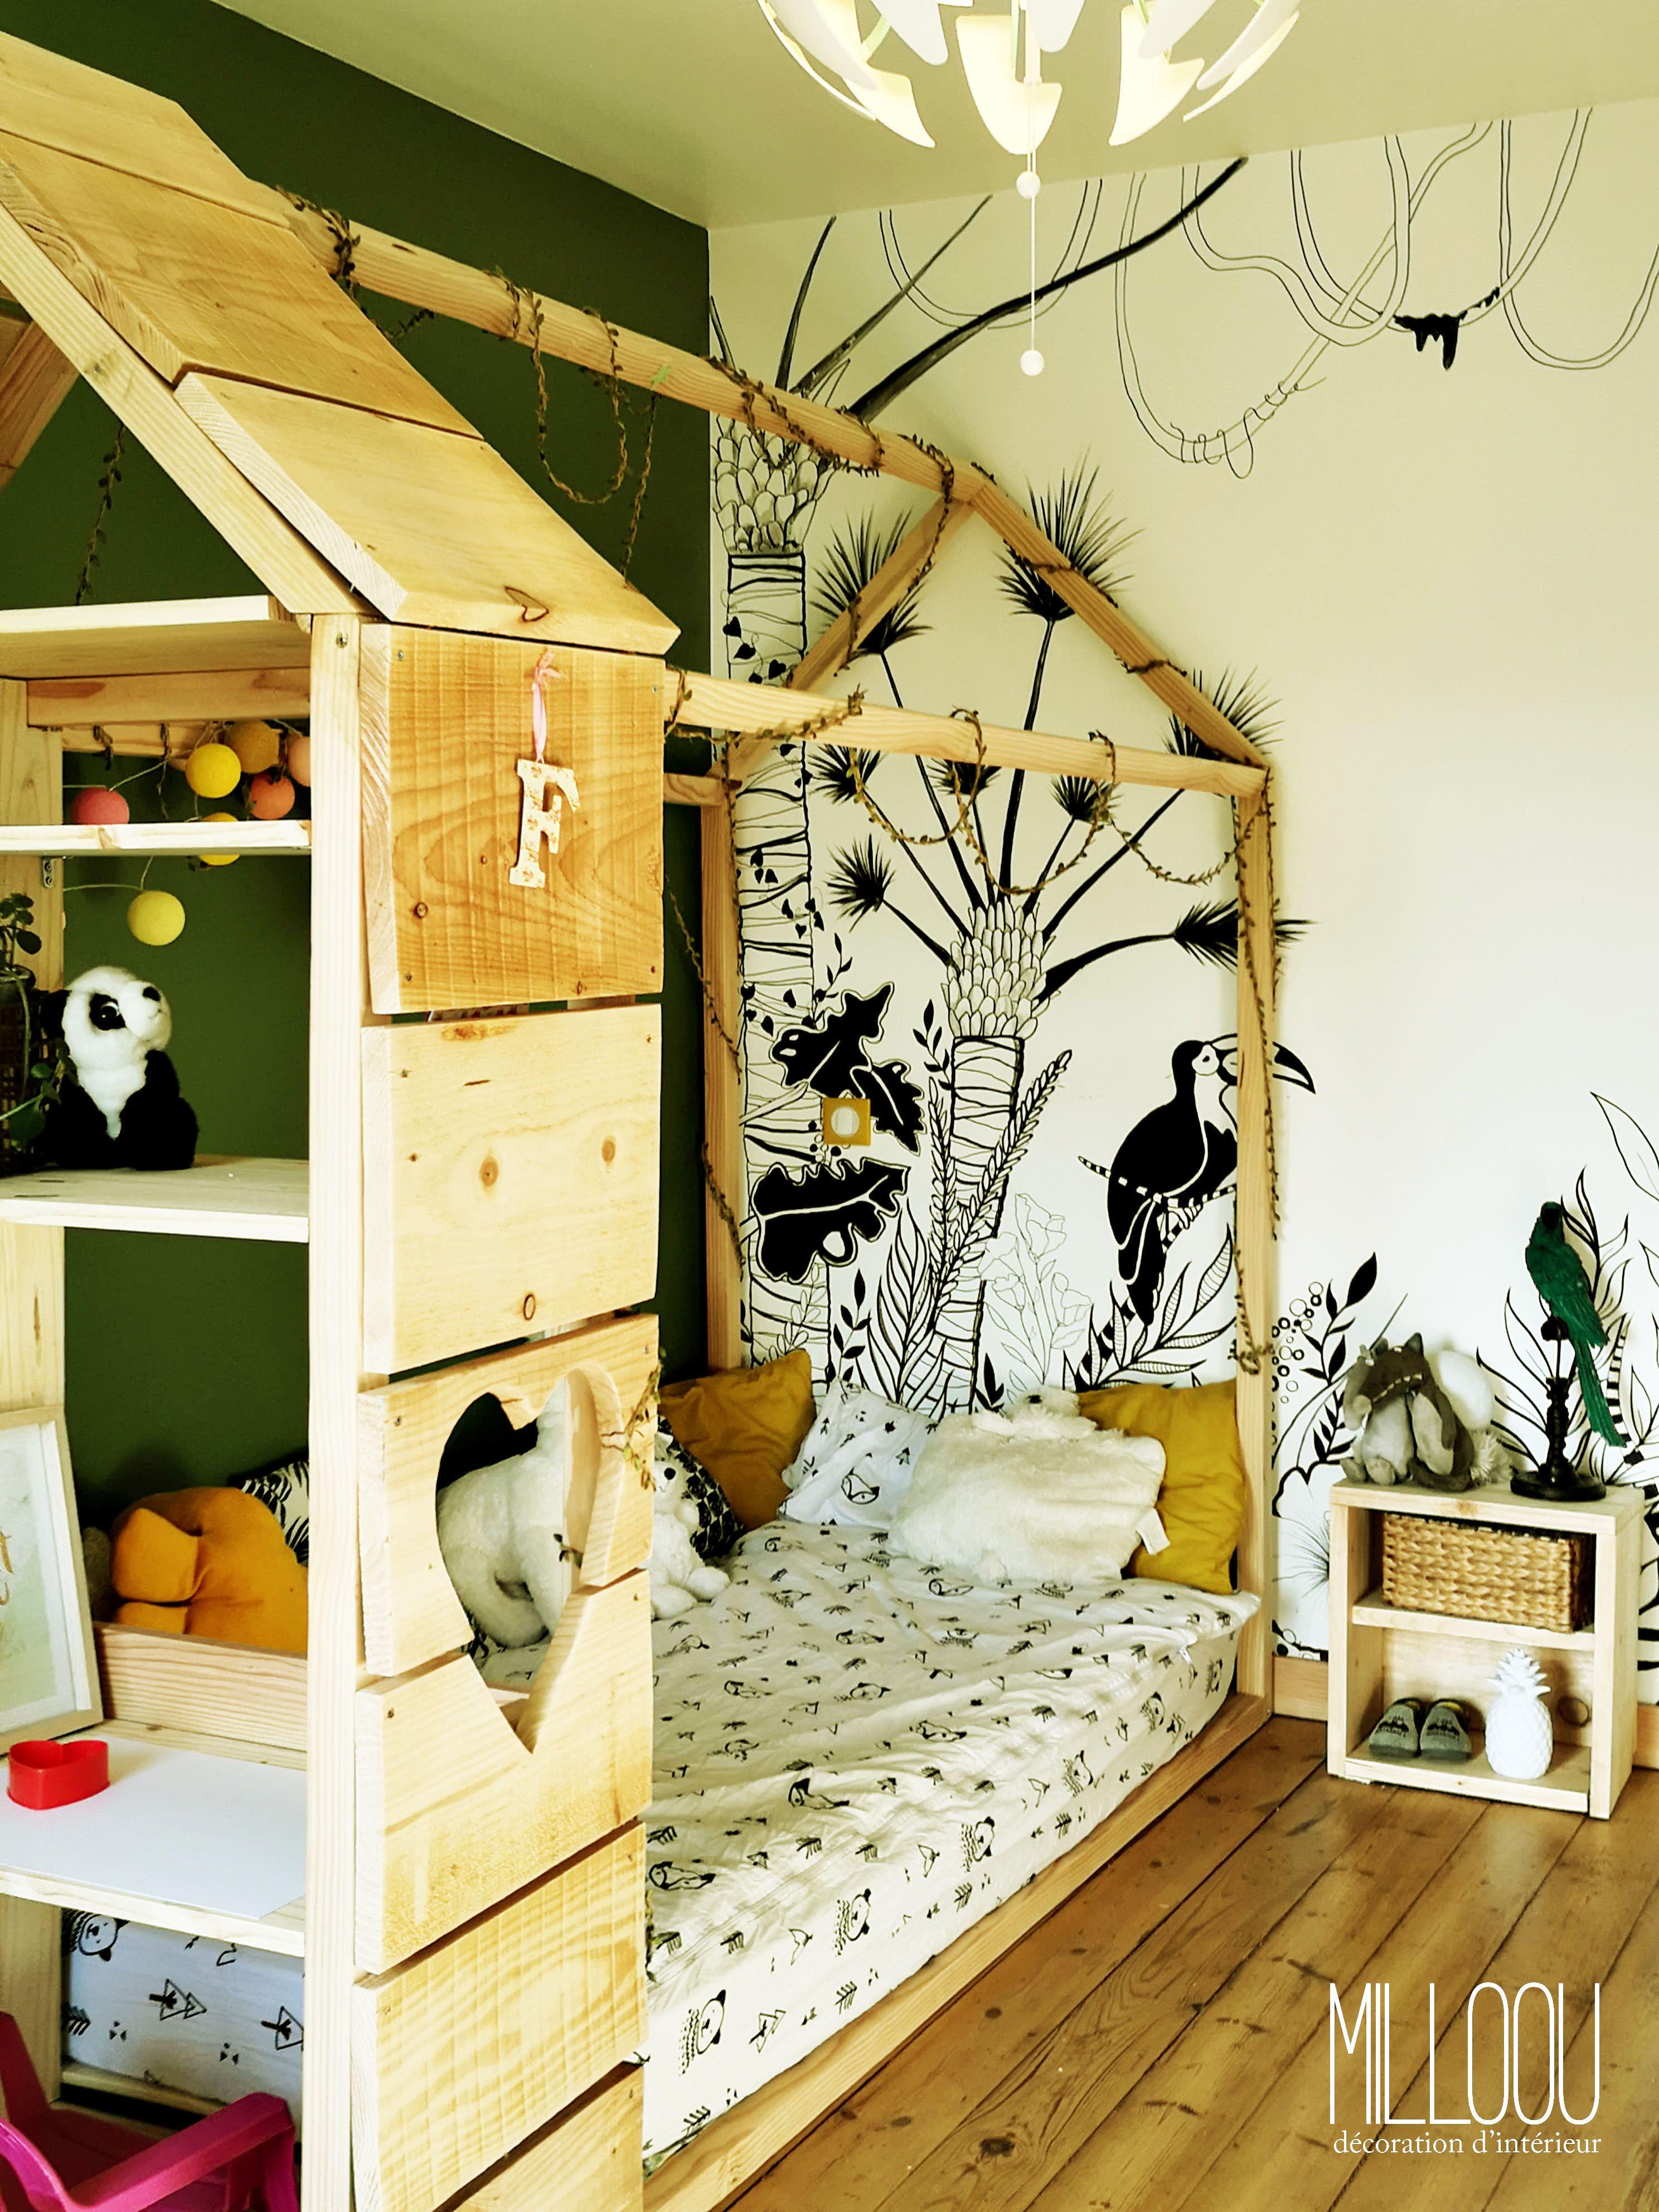 lit cabane enfant  Deco chambre enfant, Chambre enfant, Deco chambre